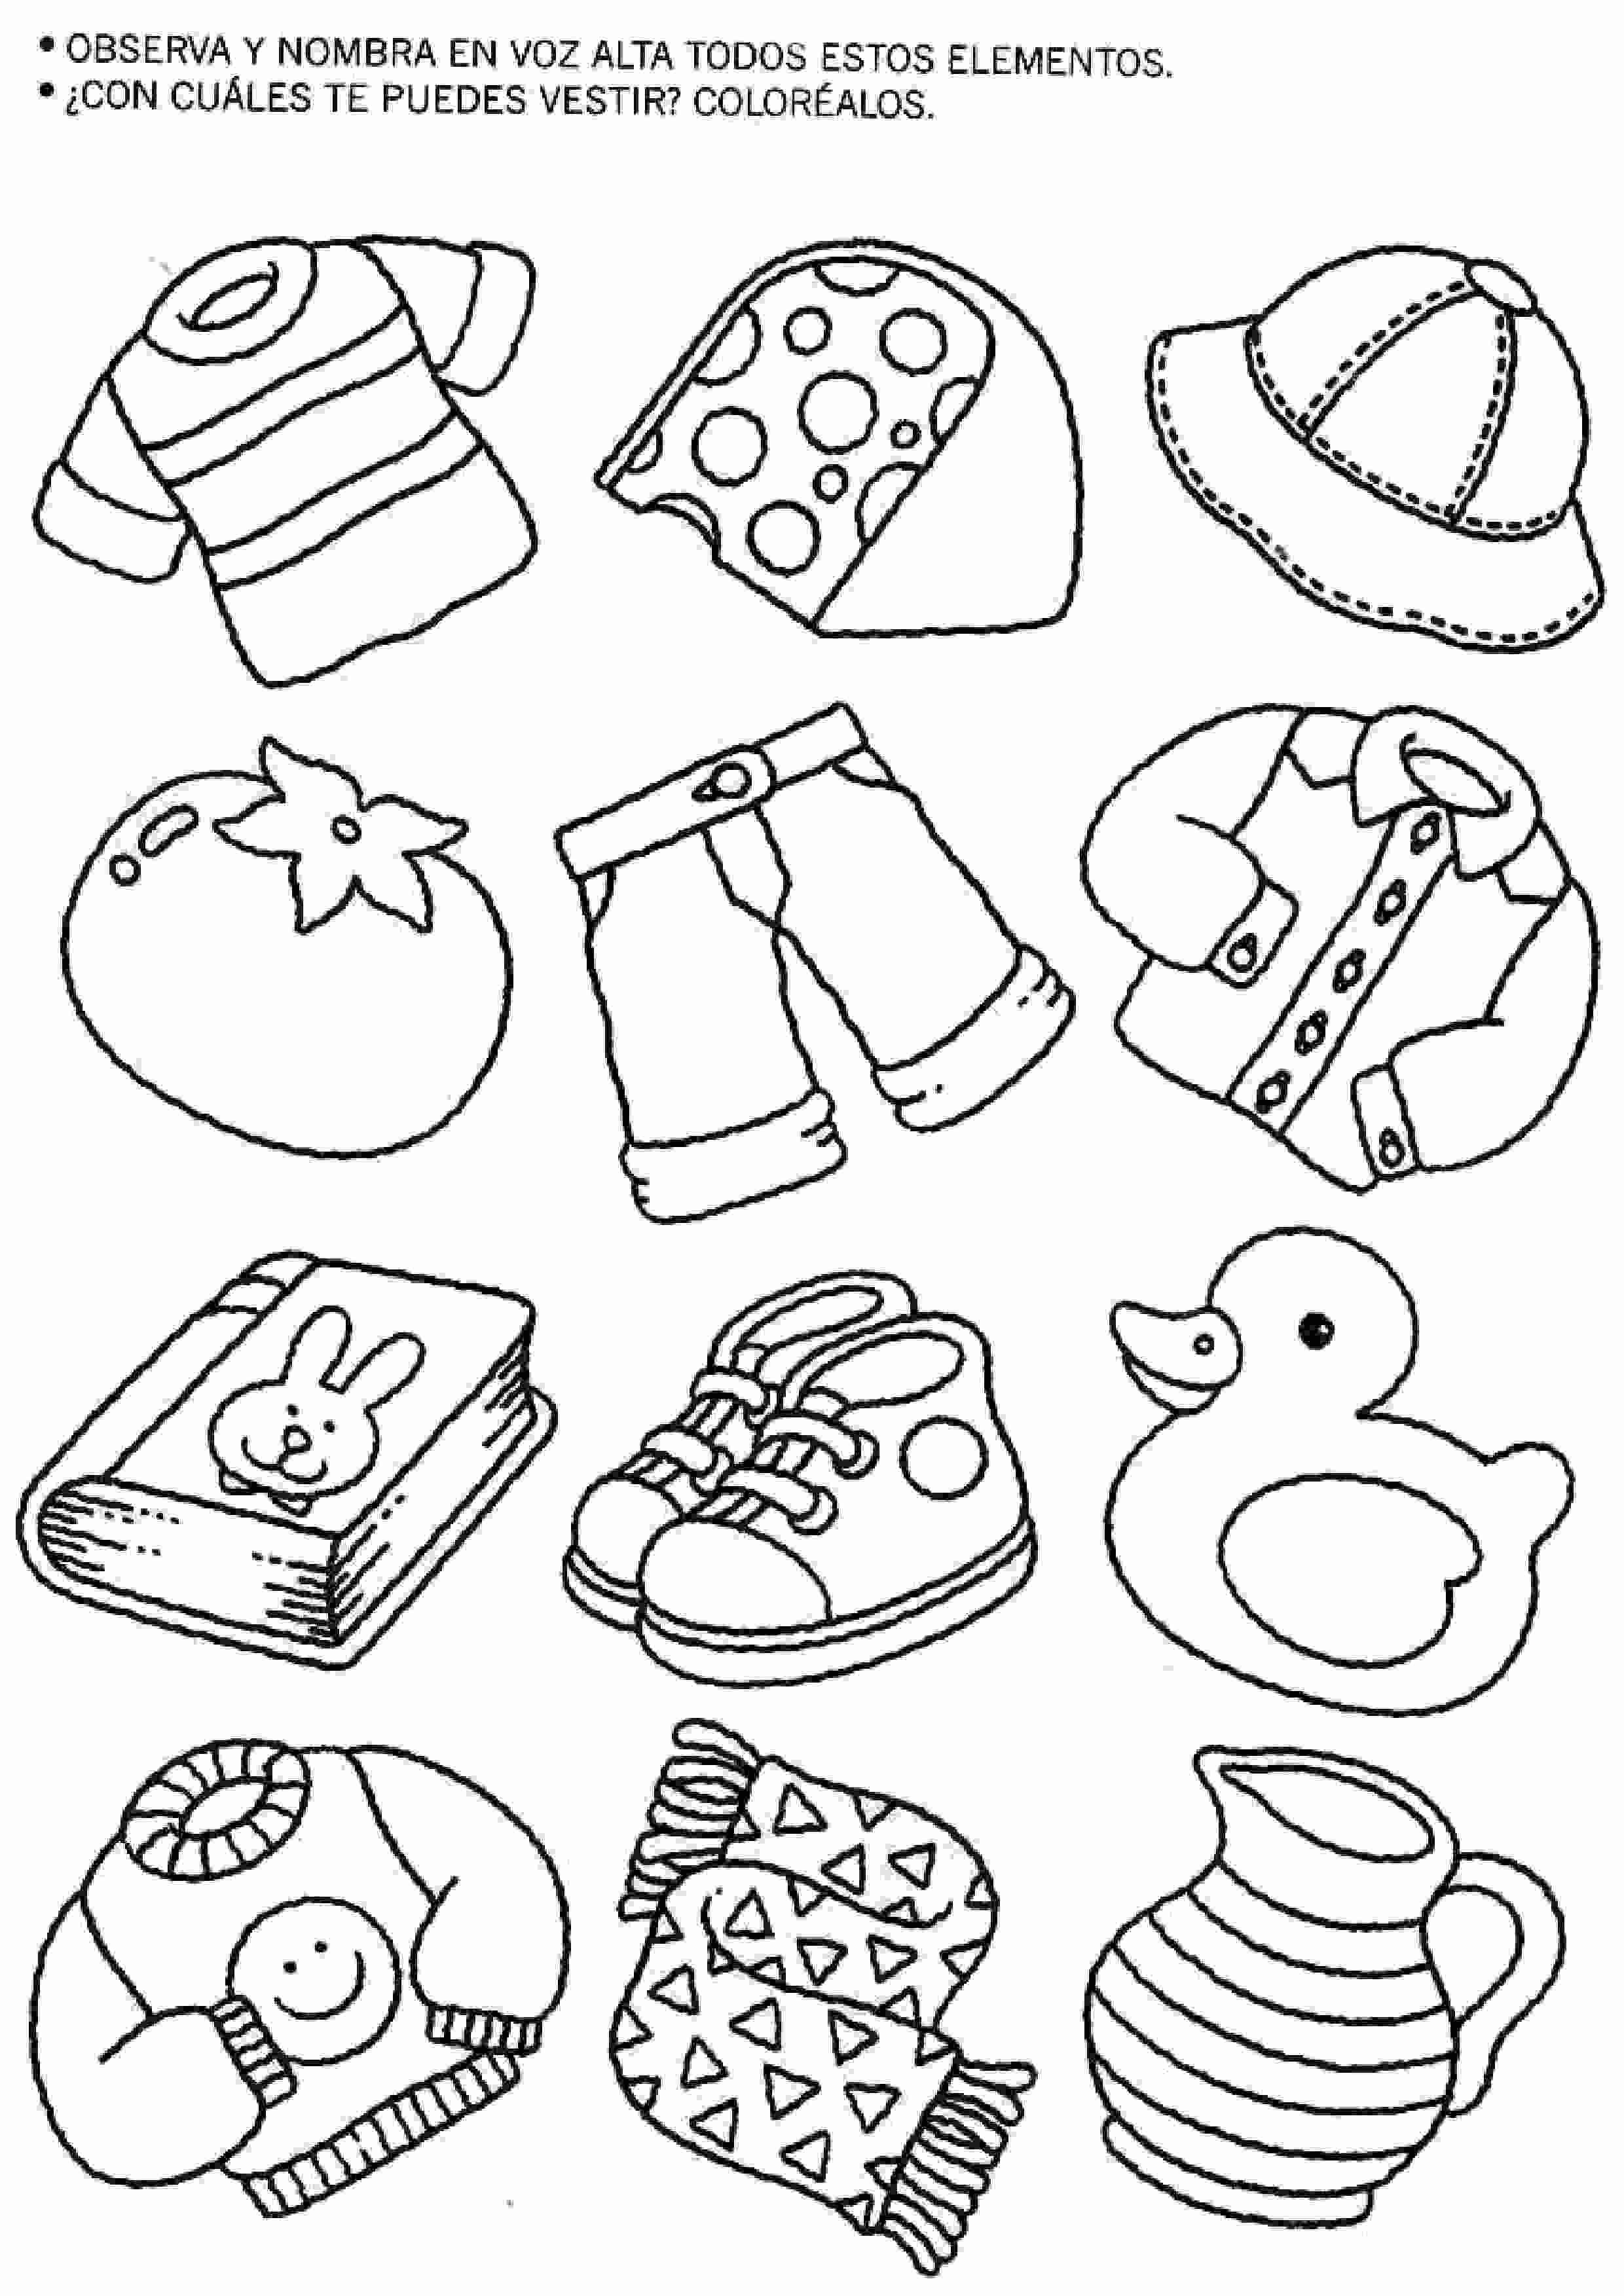 Relacionar Y Pintar 49 Actividades Para Imprimir Para Niños De Preescolar Actividades Para Niños Preescolar Clases De Dibujo Para Niños Actividades Para Niños